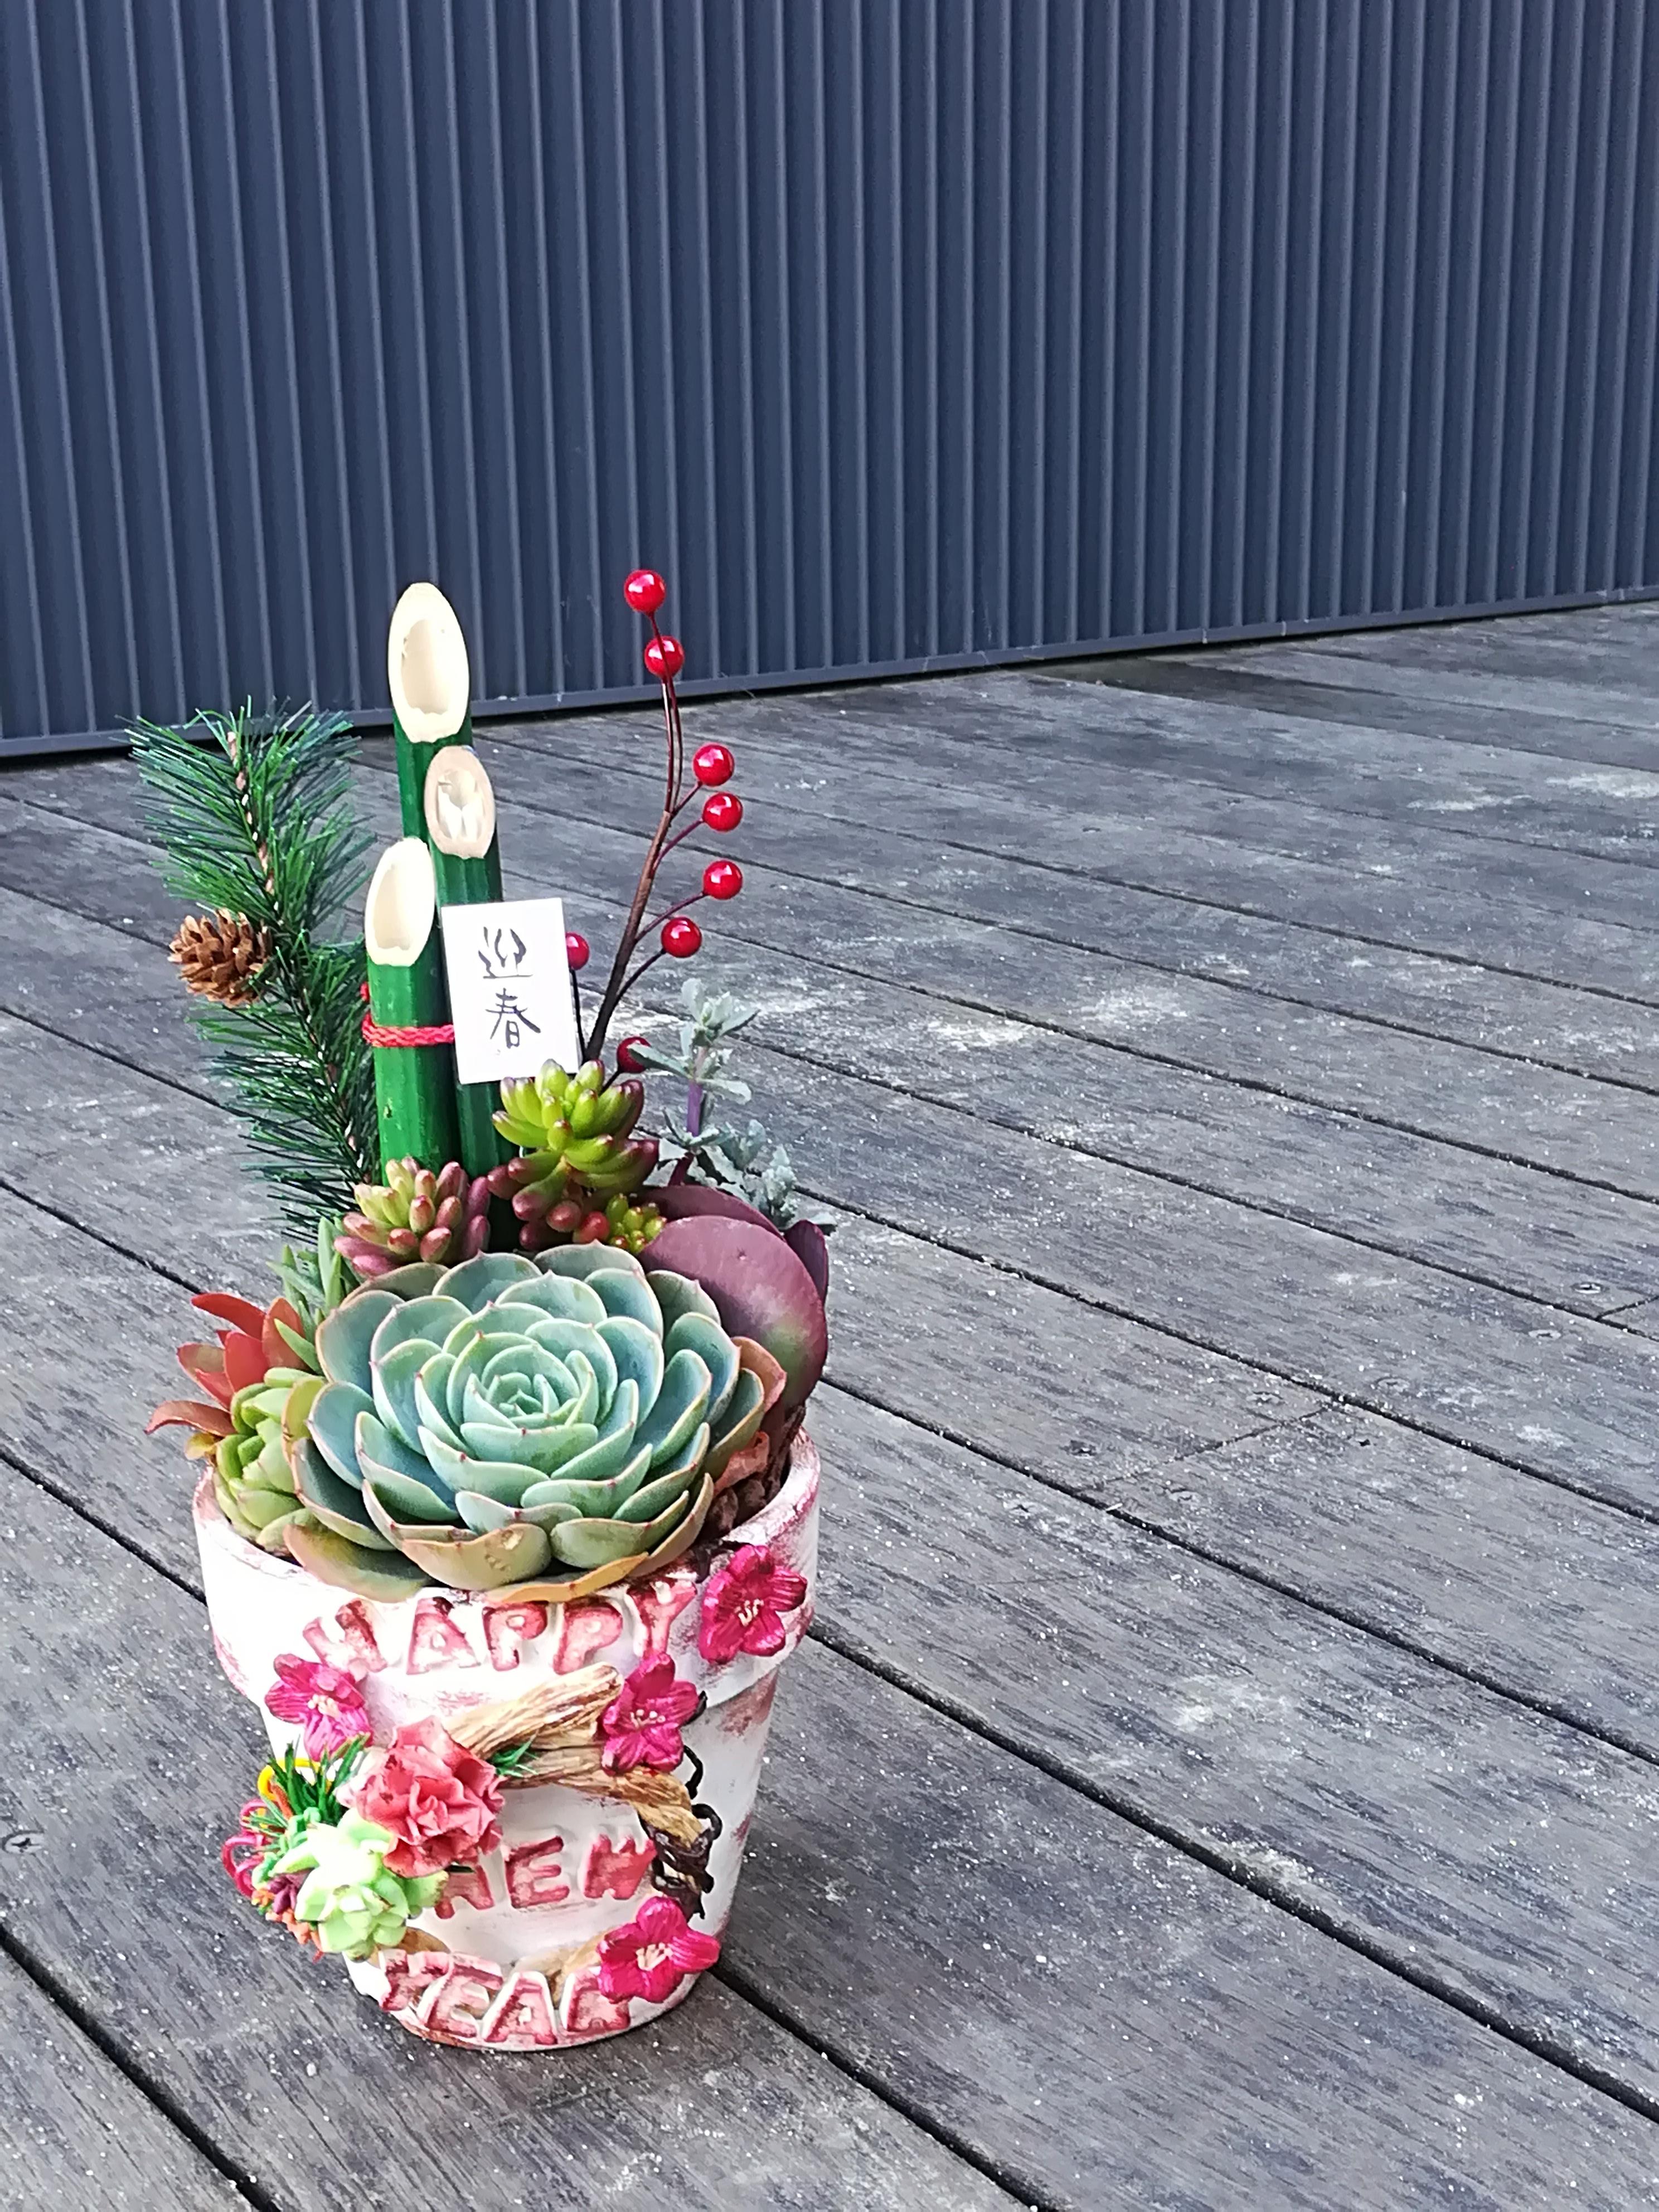 こんなしめ縄なら飾りたい!岡崎市デコポットアーティストが贈る、しめ縄デコポット - cbd1b6393c137ade5b92f19861437702